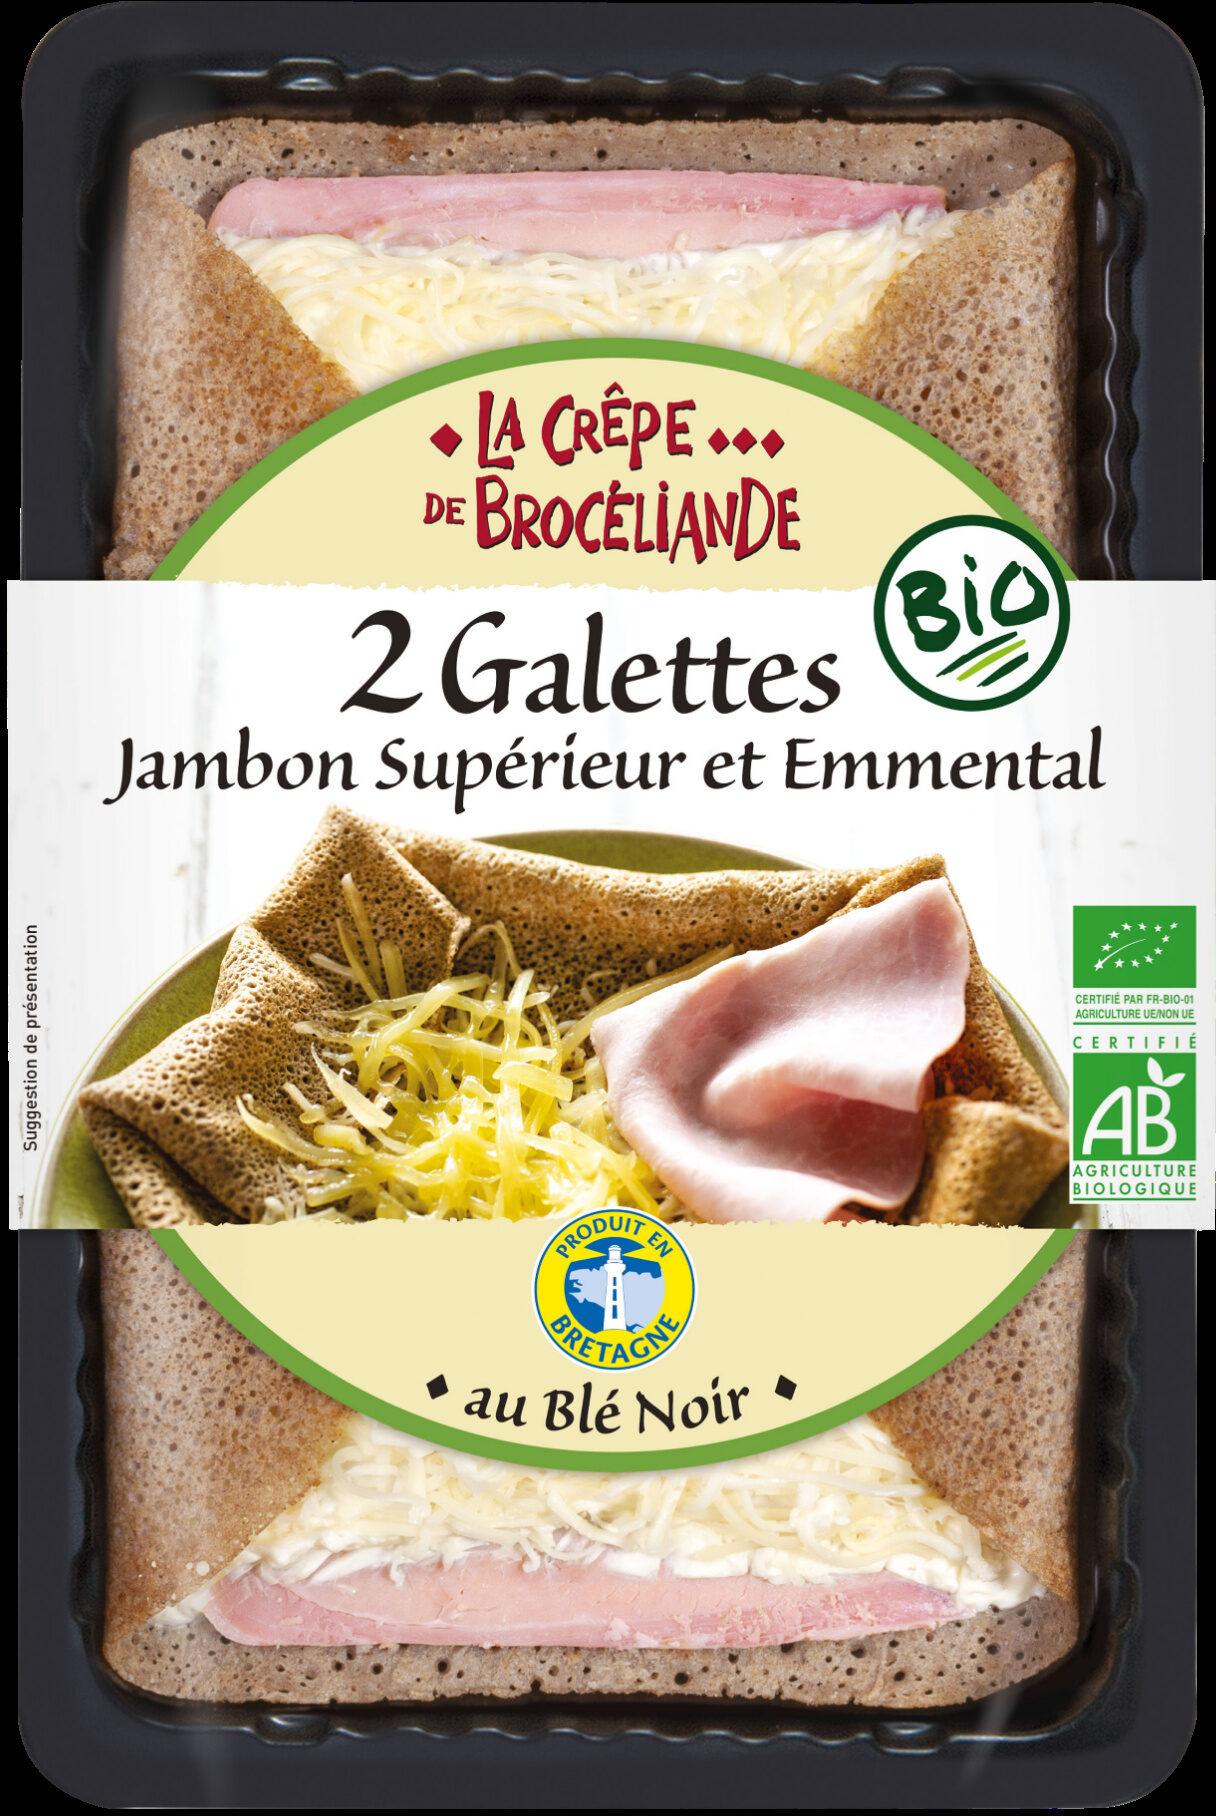 2 Galettes Jambon Supérieur et Emmental Biologiques - Product - fr